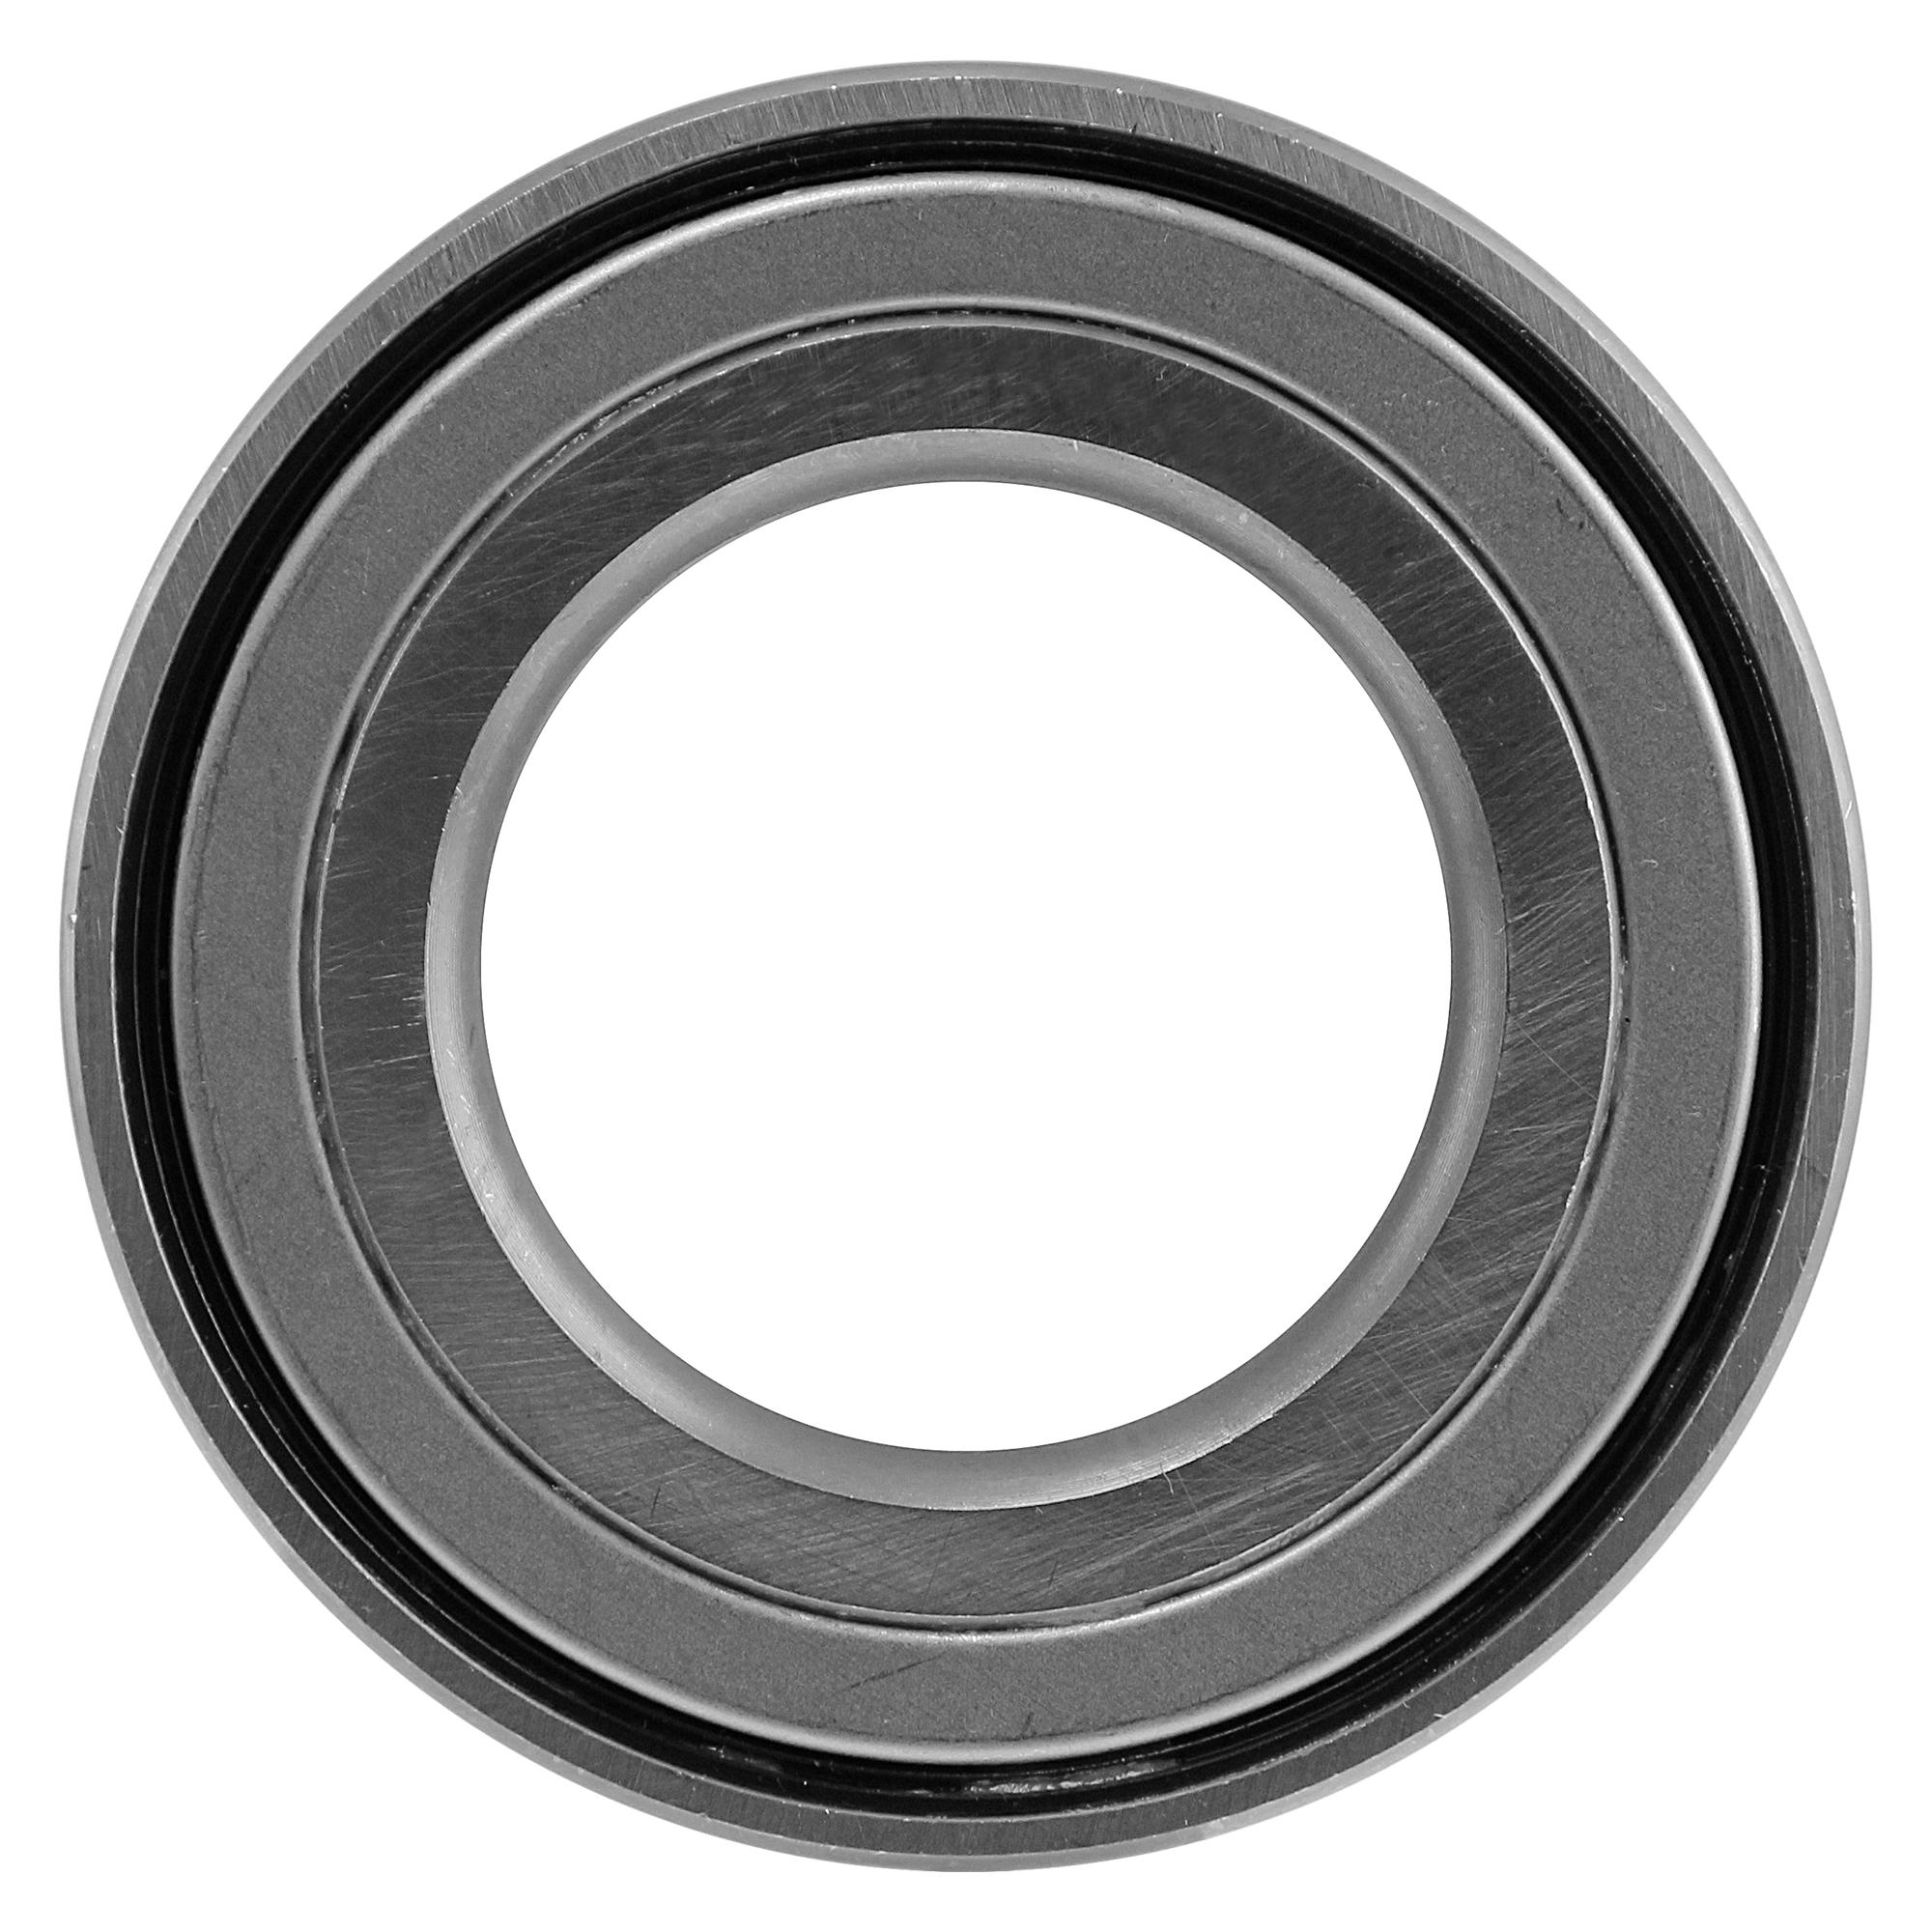 بلبرينگ چرخ جلو جي پي جي مدل DAC396837 مناسب براي ام وي ام 110